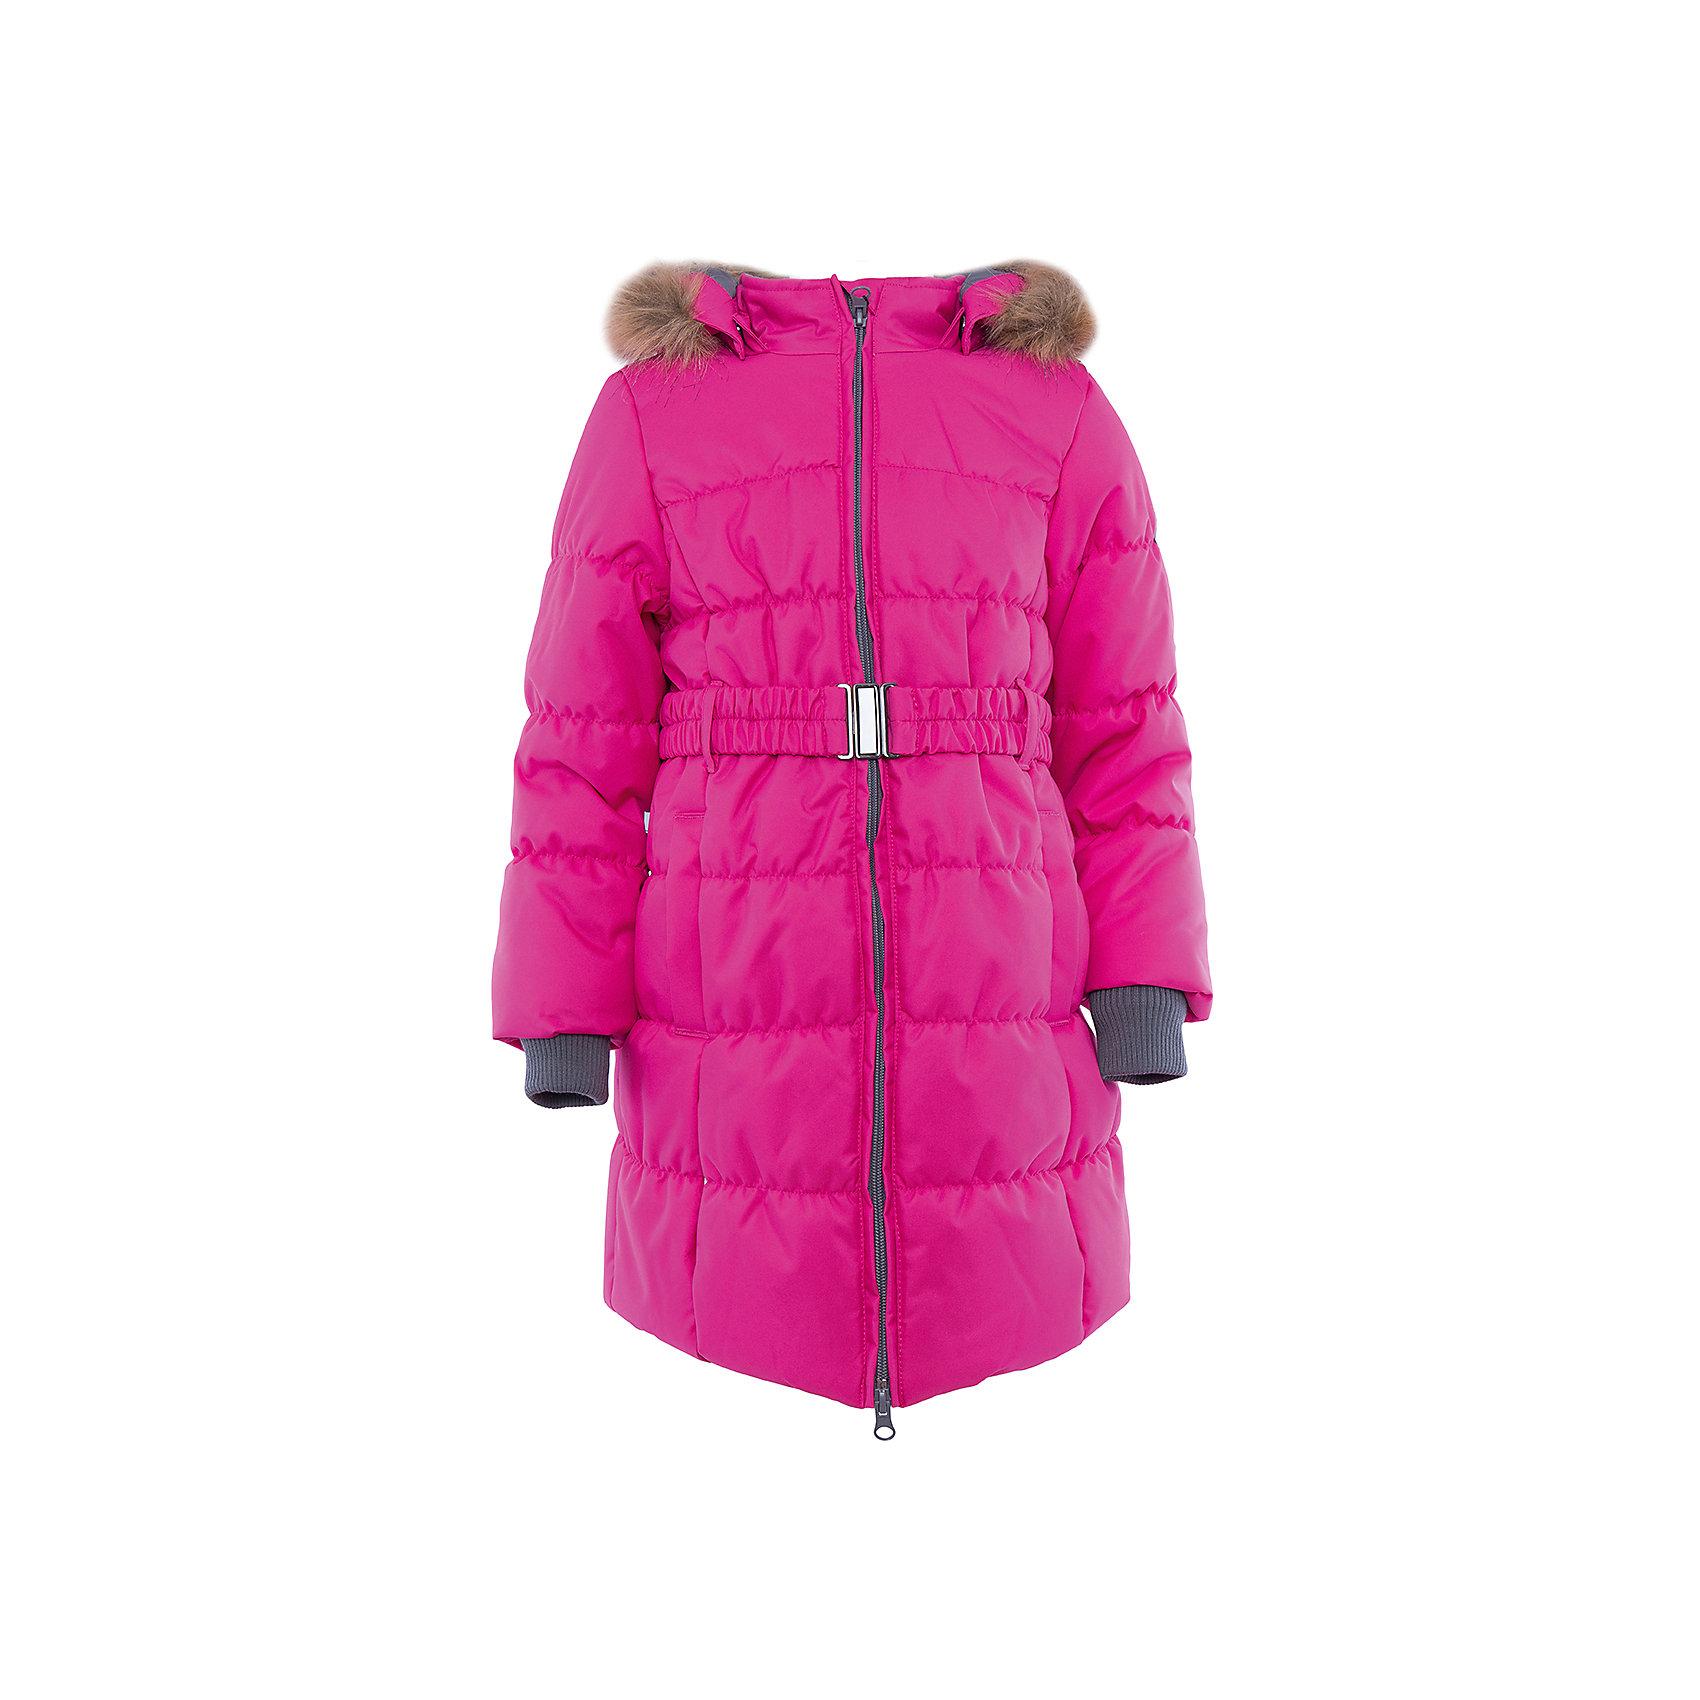 Пальто   для девочки HuppaВерхняя одежда<br>Пальто YACARANDA Huppa(Хуппа).<br><br>Утеплитель: 100% полиэстер, 300 гр.<br><br>Температурный режим: до -30 градусов. Степень утепления – высокая. <br><br>* Температурный режим указан приблизительно — необходимо, прежде всего, ориентироваться на ощущения ребенка. Температурный режим работает в случае соблюдения правила многослойности – использования флисовой поддевы и термобелья.<br><br>Идеально подойдет девочке в холодную погоду. Пальто имеет приталенный силуэт, внутренние вязаные манжеты, двойную молнию и большой отстегивающийся капюшон с искусственным мехом. Водонепроницаемая поверхность в сочетании с утеплителем помогут девочке оставаться в тепле и сухости в течение всей прогулки. Пальто легко стирается и быстро сохнет. Все ткани очень прочные и защищены от истирания. Прекрасно подойдет для зимы.<br><br>Дополнительная информация:<br>Материал: 100% полиэстер<br>Подкладка: тафта - 100% полиэстер, флис - 100% полиэстер<br>Цвет: фуксия<br><br>Вы можете приобрести пальто YACARANDA Huppa(Хуппа) в нашем интернет-магазине.<br><br>Ширина мм: 356<br>Глубина мм: 10<br>Высота мм: 245<br>Вес г: 519<br>Цвет: розовый<br>Возраст от месяцев: 36<br>Возраст до месяцев: 48<br>Пол: Женский<br>Возраст: Детский<br>Размер: 104,170,110,116,122,128,134,140,146,152,158,164<br>SKU: 4928048